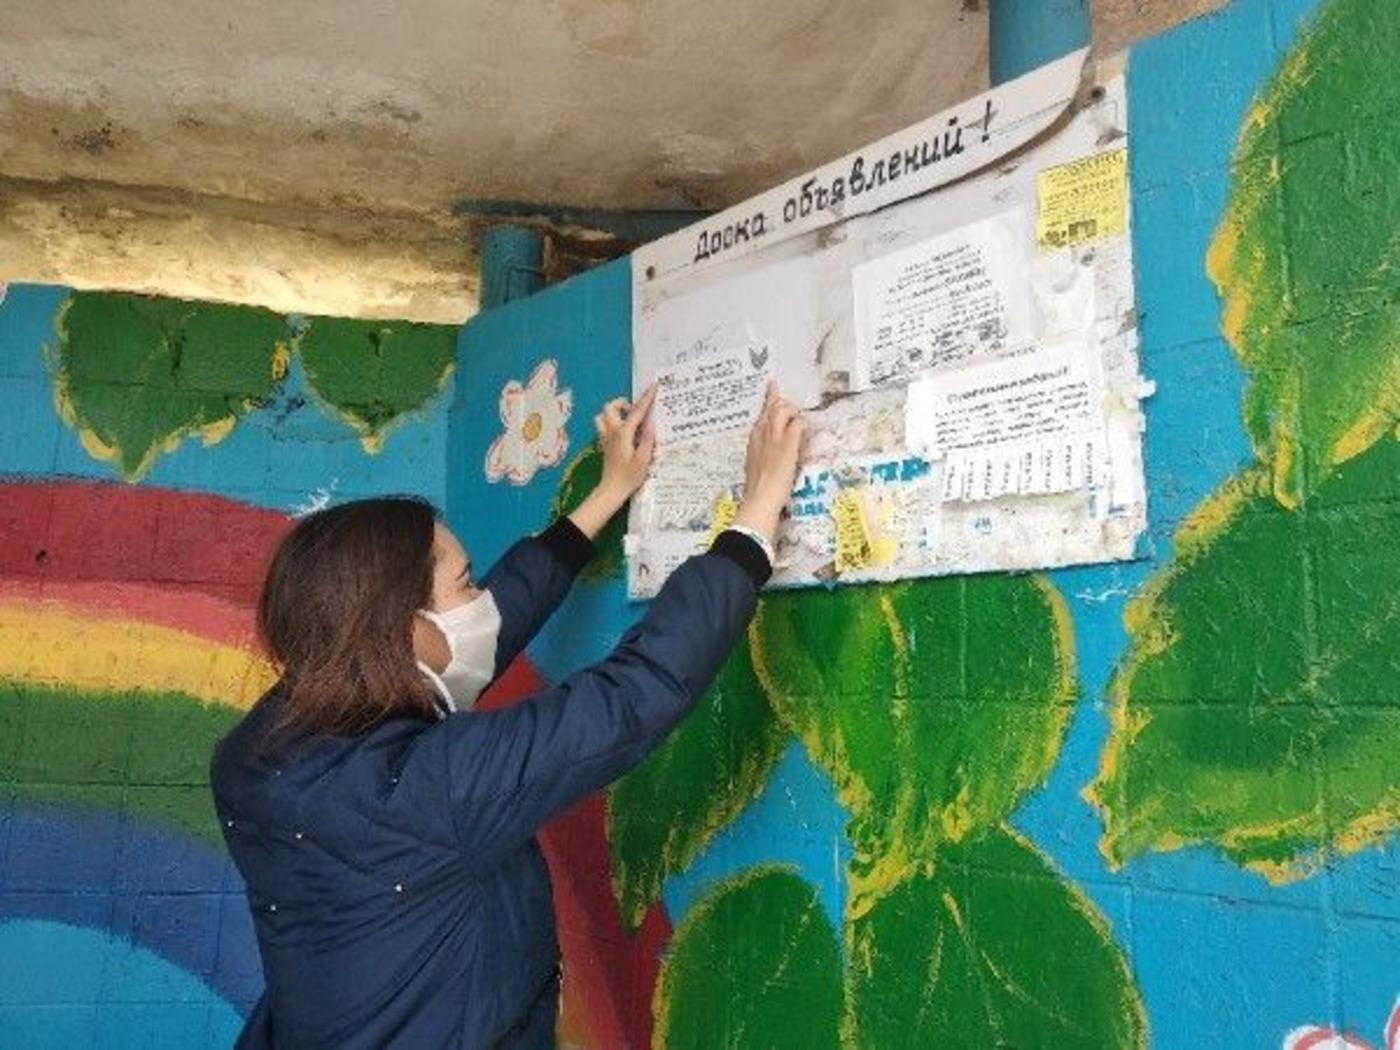 Жителей ЛНР проинформировали об акции «Стоп наркотикам!» 5